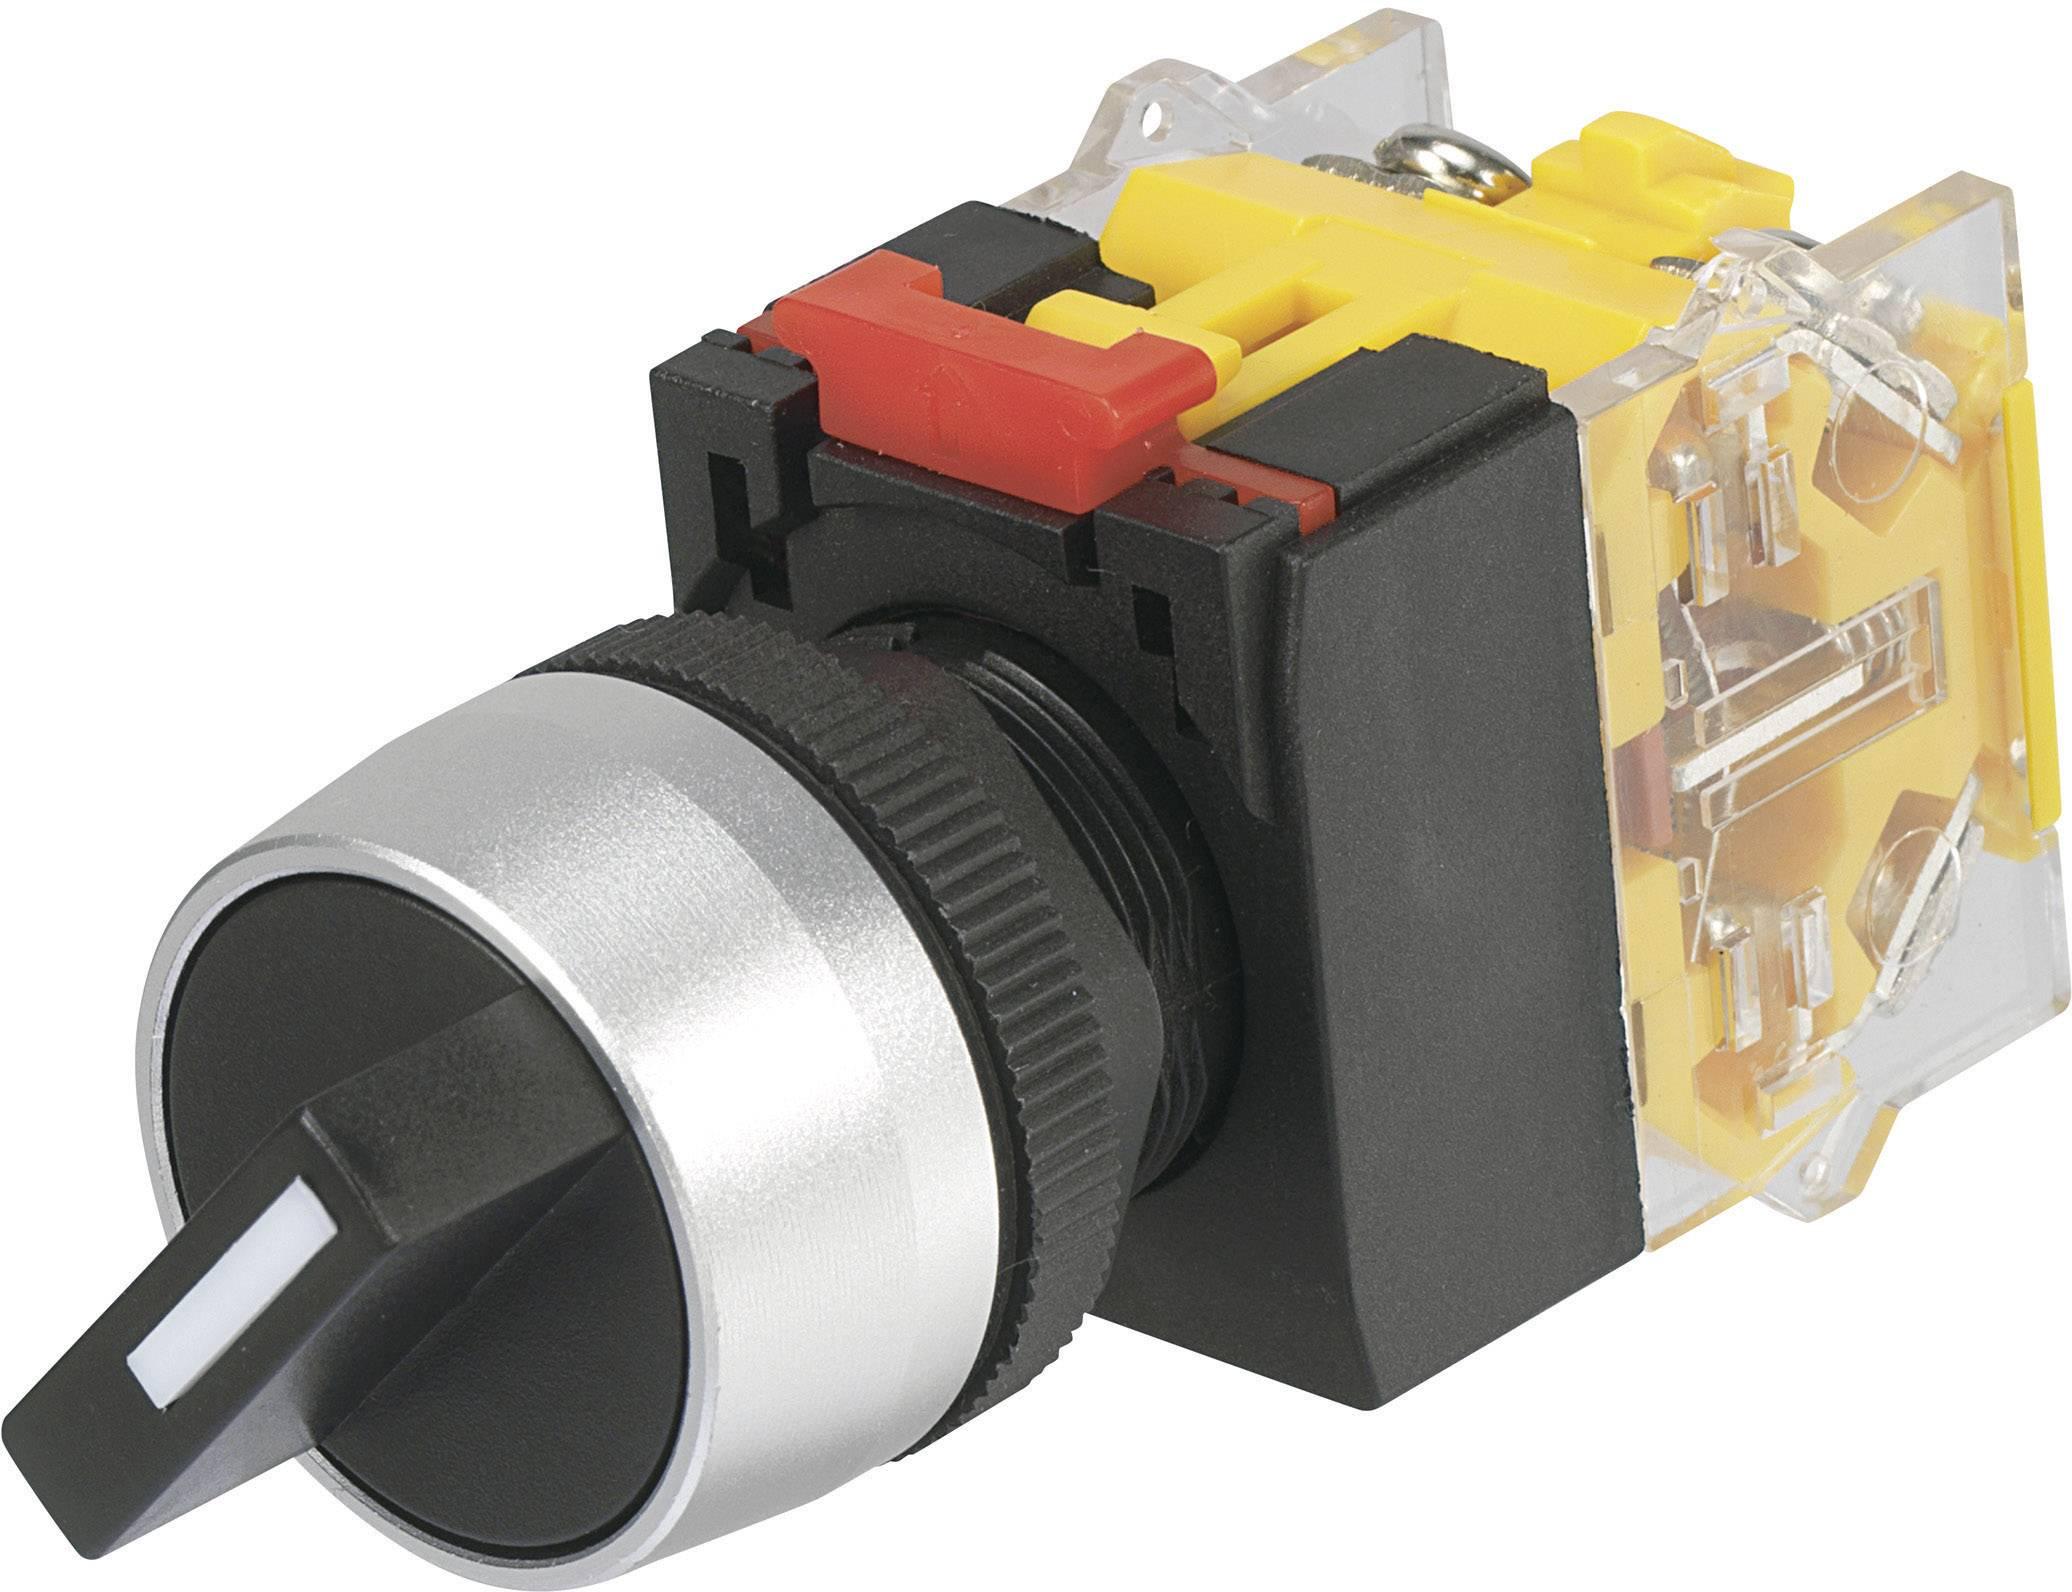 Otočný spínač TRU COMPONENTS LAS0-A3Y-11X/21, 250 V/AC, 5 A, pozice 2, 1 x 90 °, IP40, 1 ks